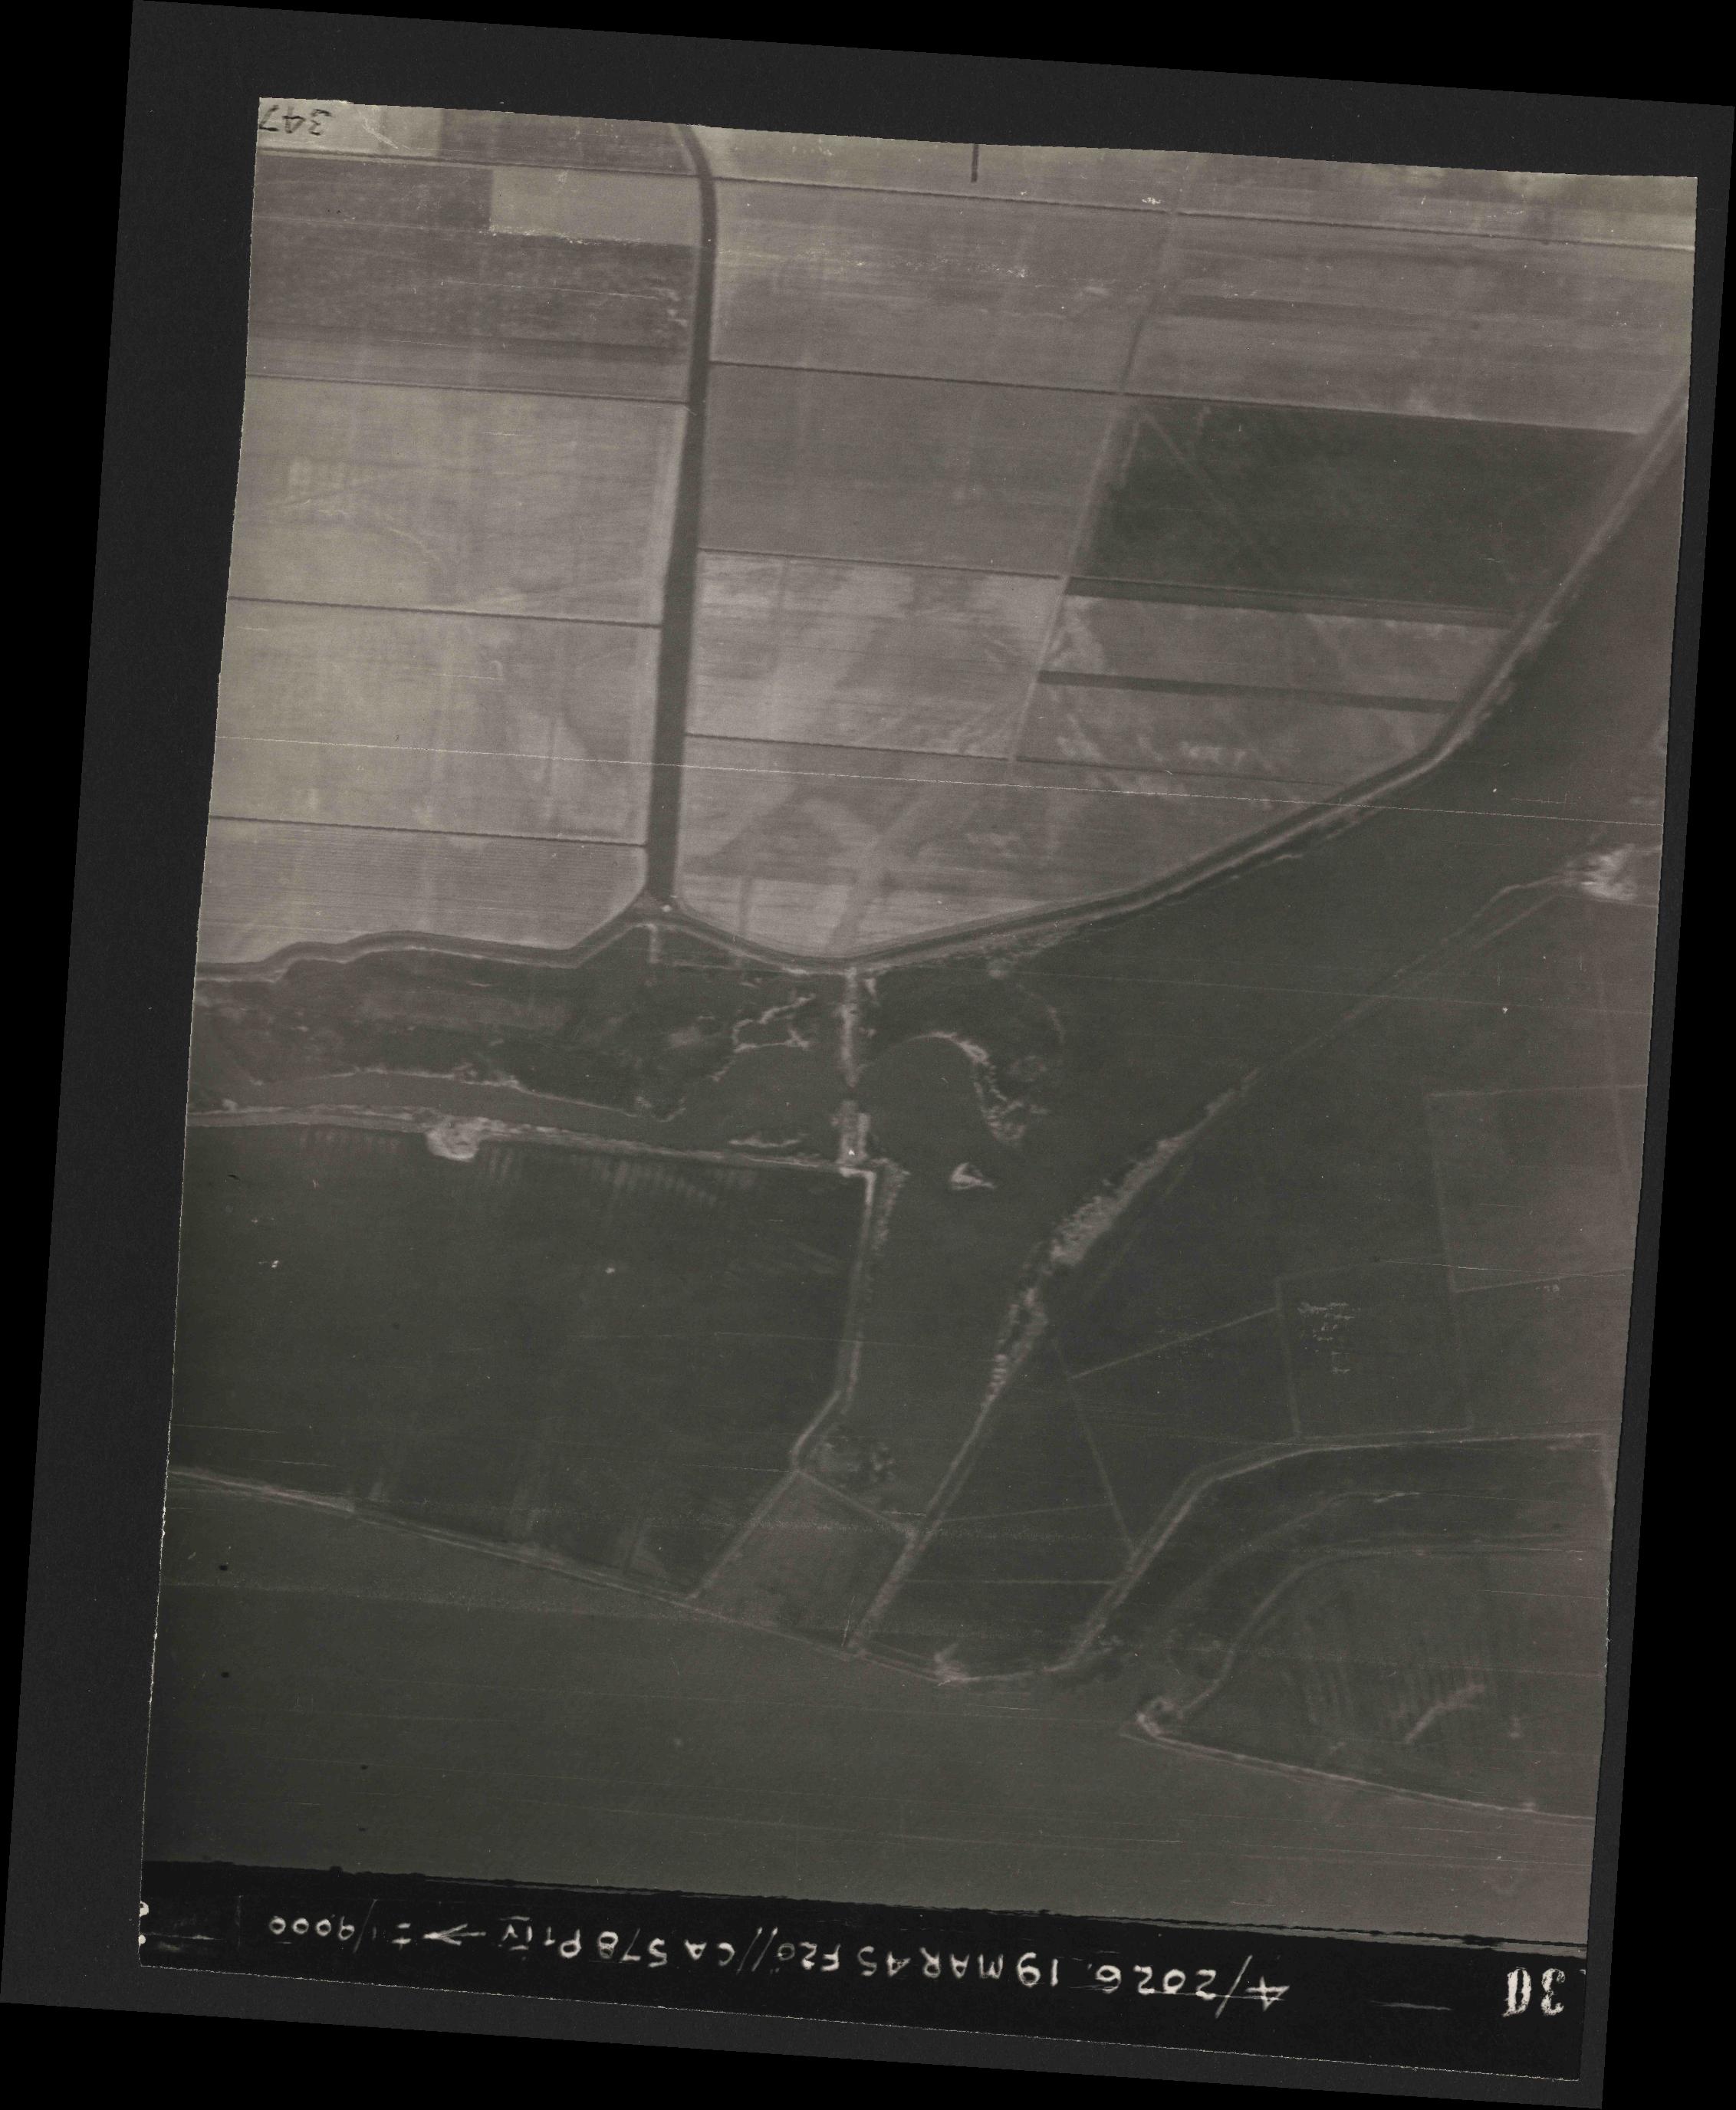 Collection RAF aerial photos 1940-1945 - flight 012, run 07, photo 3130